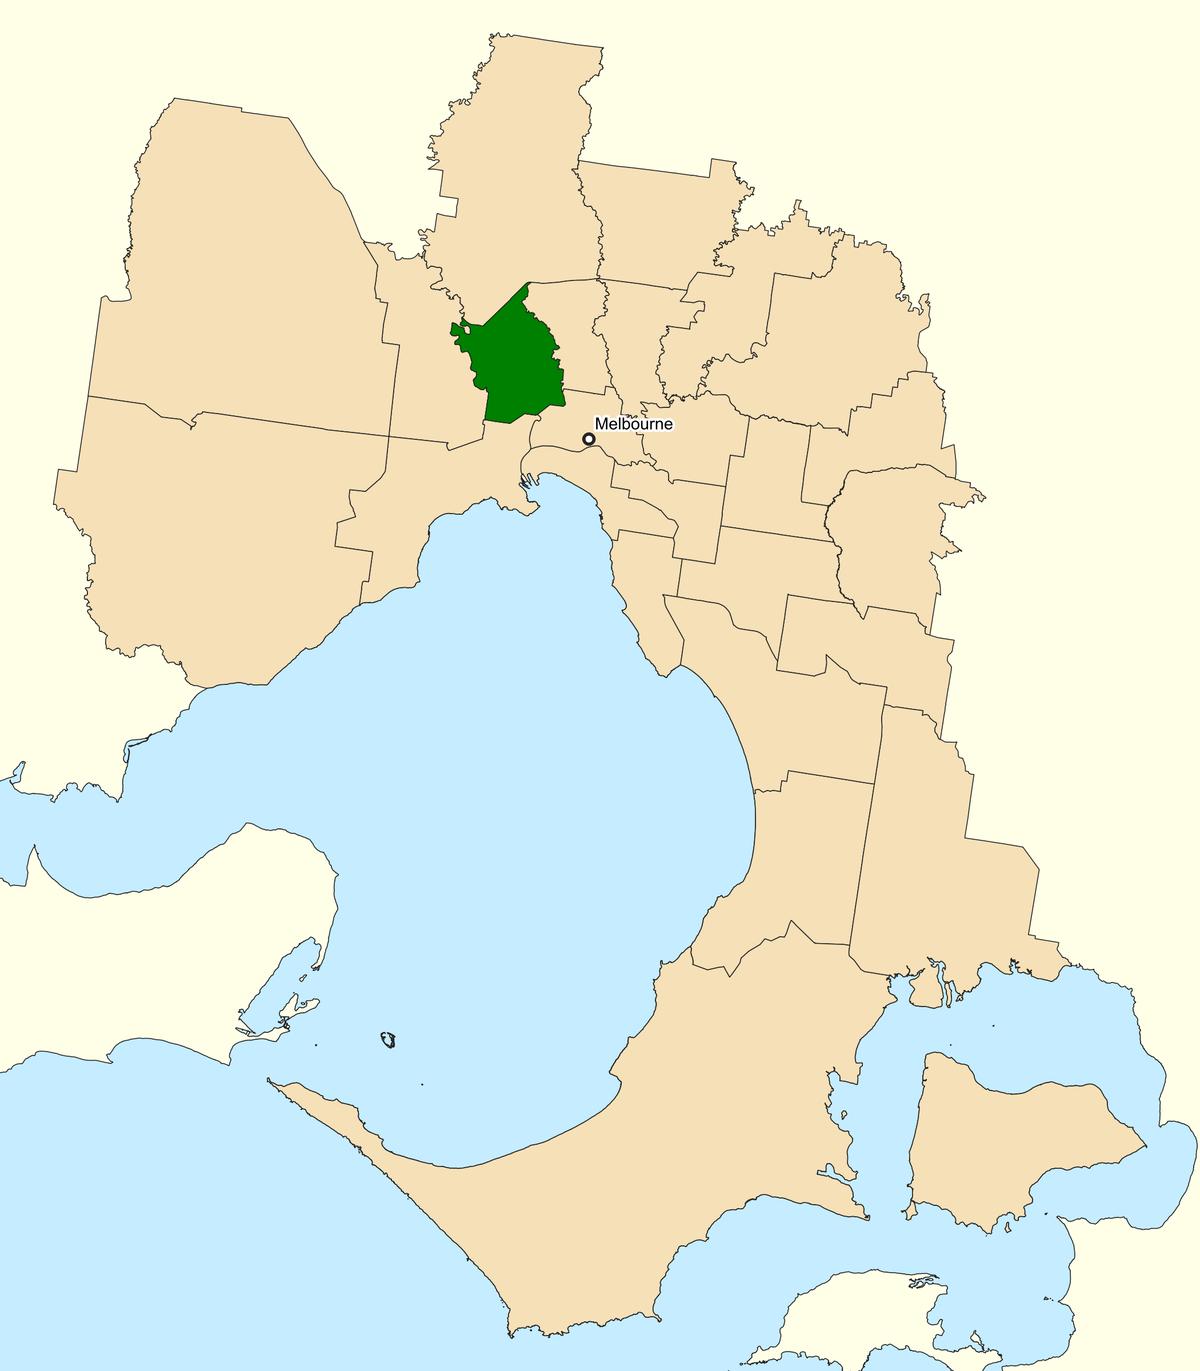 Maribyrnong Victoria: Division Of Maribyrnong